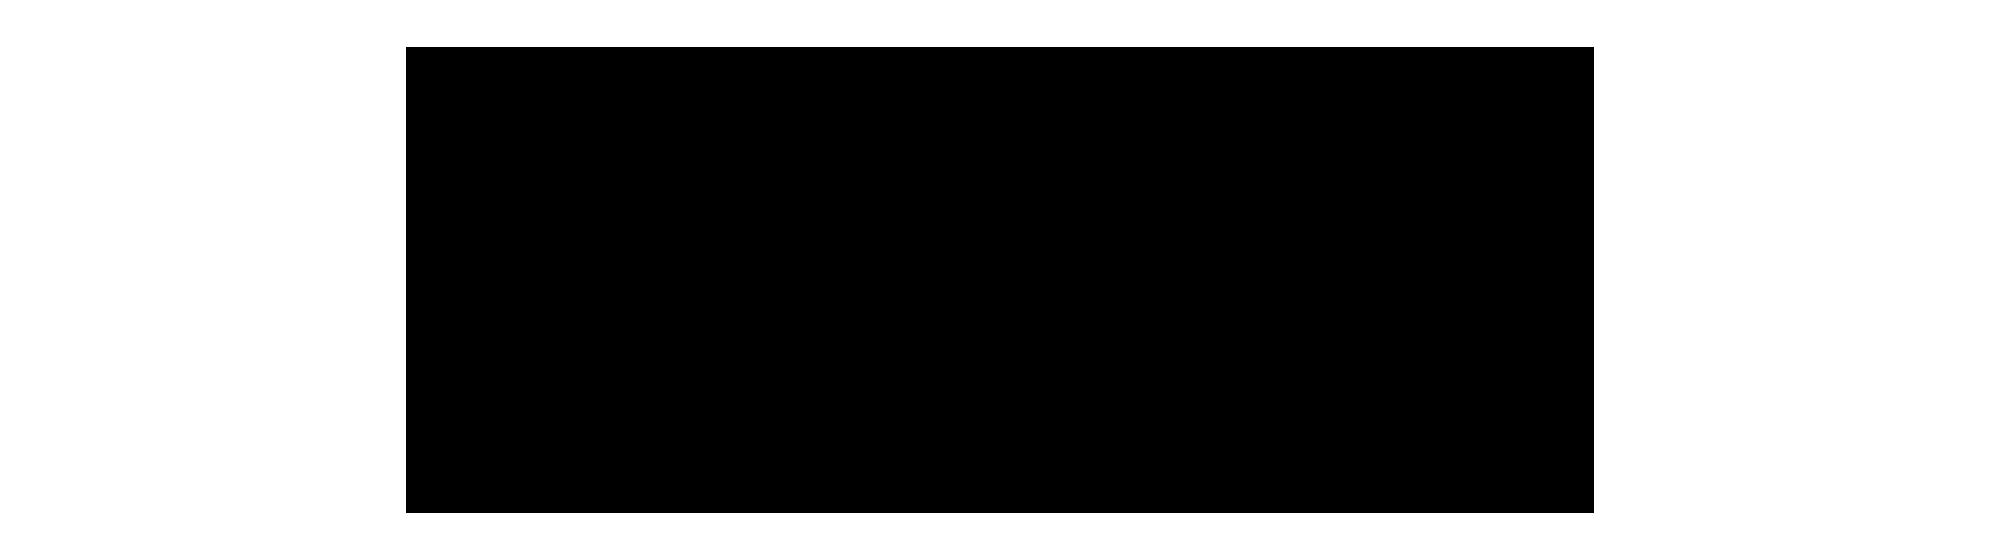 blackhat-2019-logo